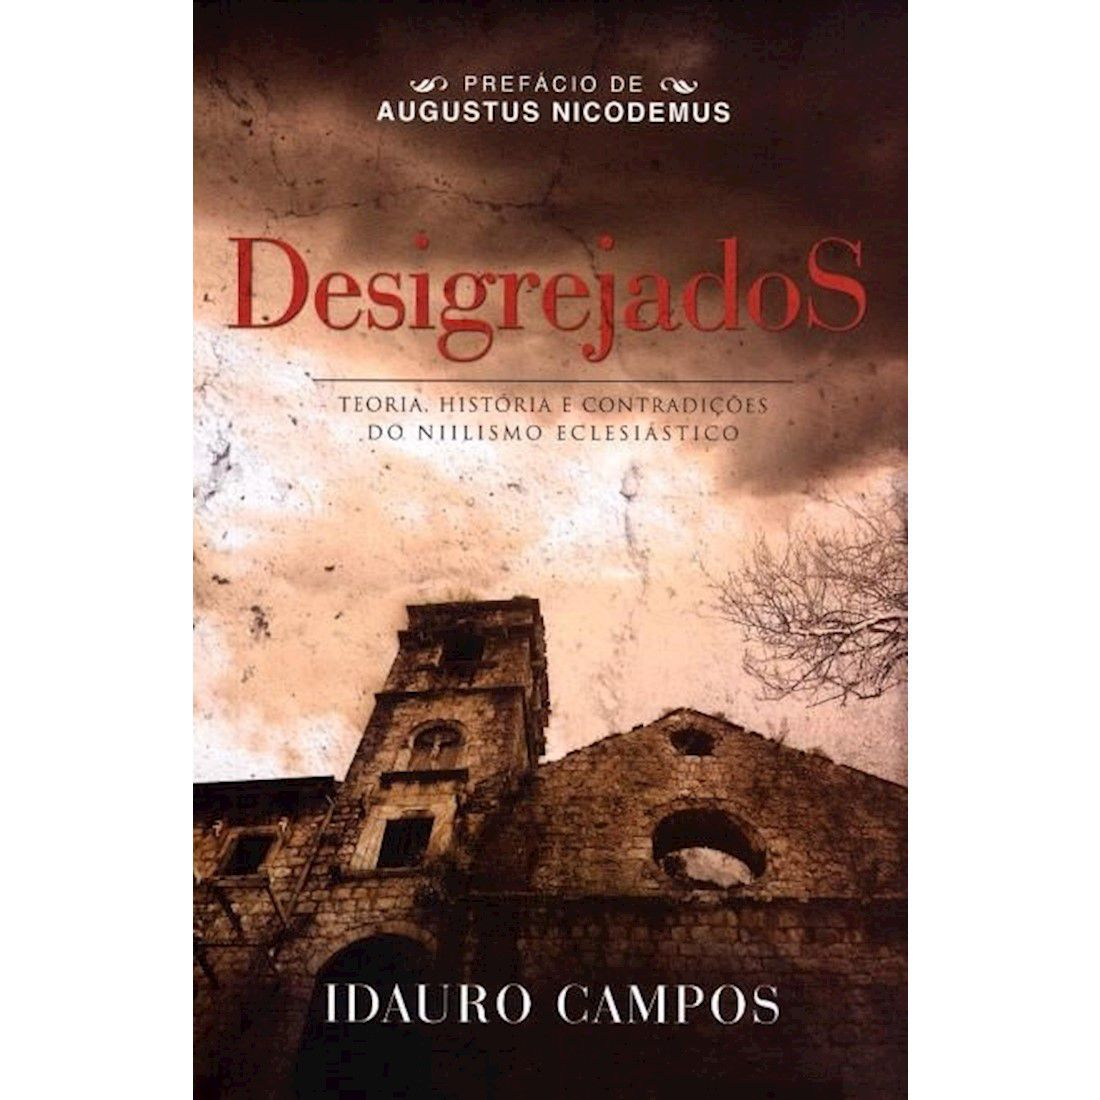 Livro Desigrejados - Teoria, História e Contradições do Niilismo Eclesiástico